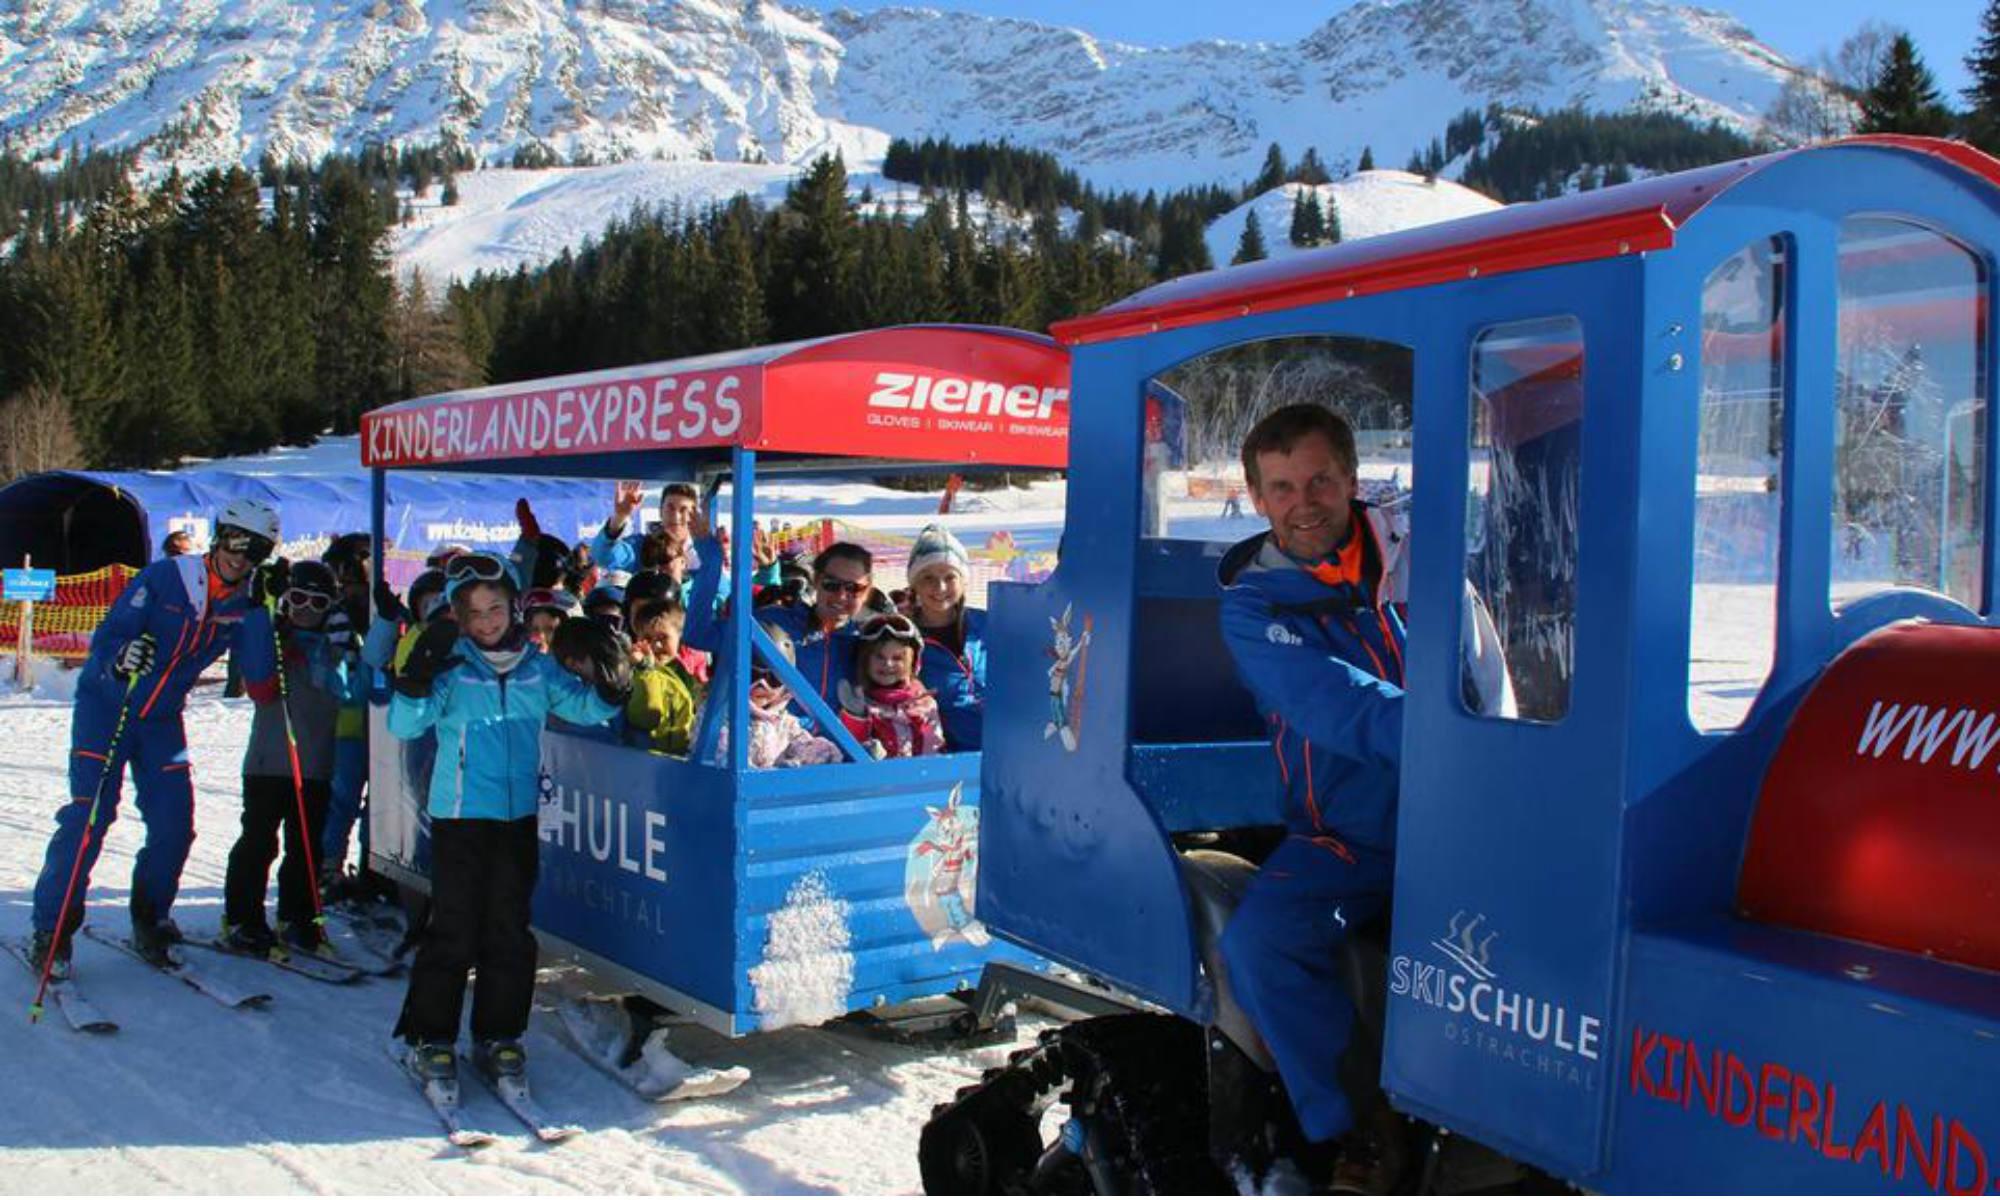 Kinder durchqueren das Schneekinderland im Skigebiet Oberjoch Bad Hindelang im Kinderlandexpress der Ski- und Snowboardschule Ostrachtal.